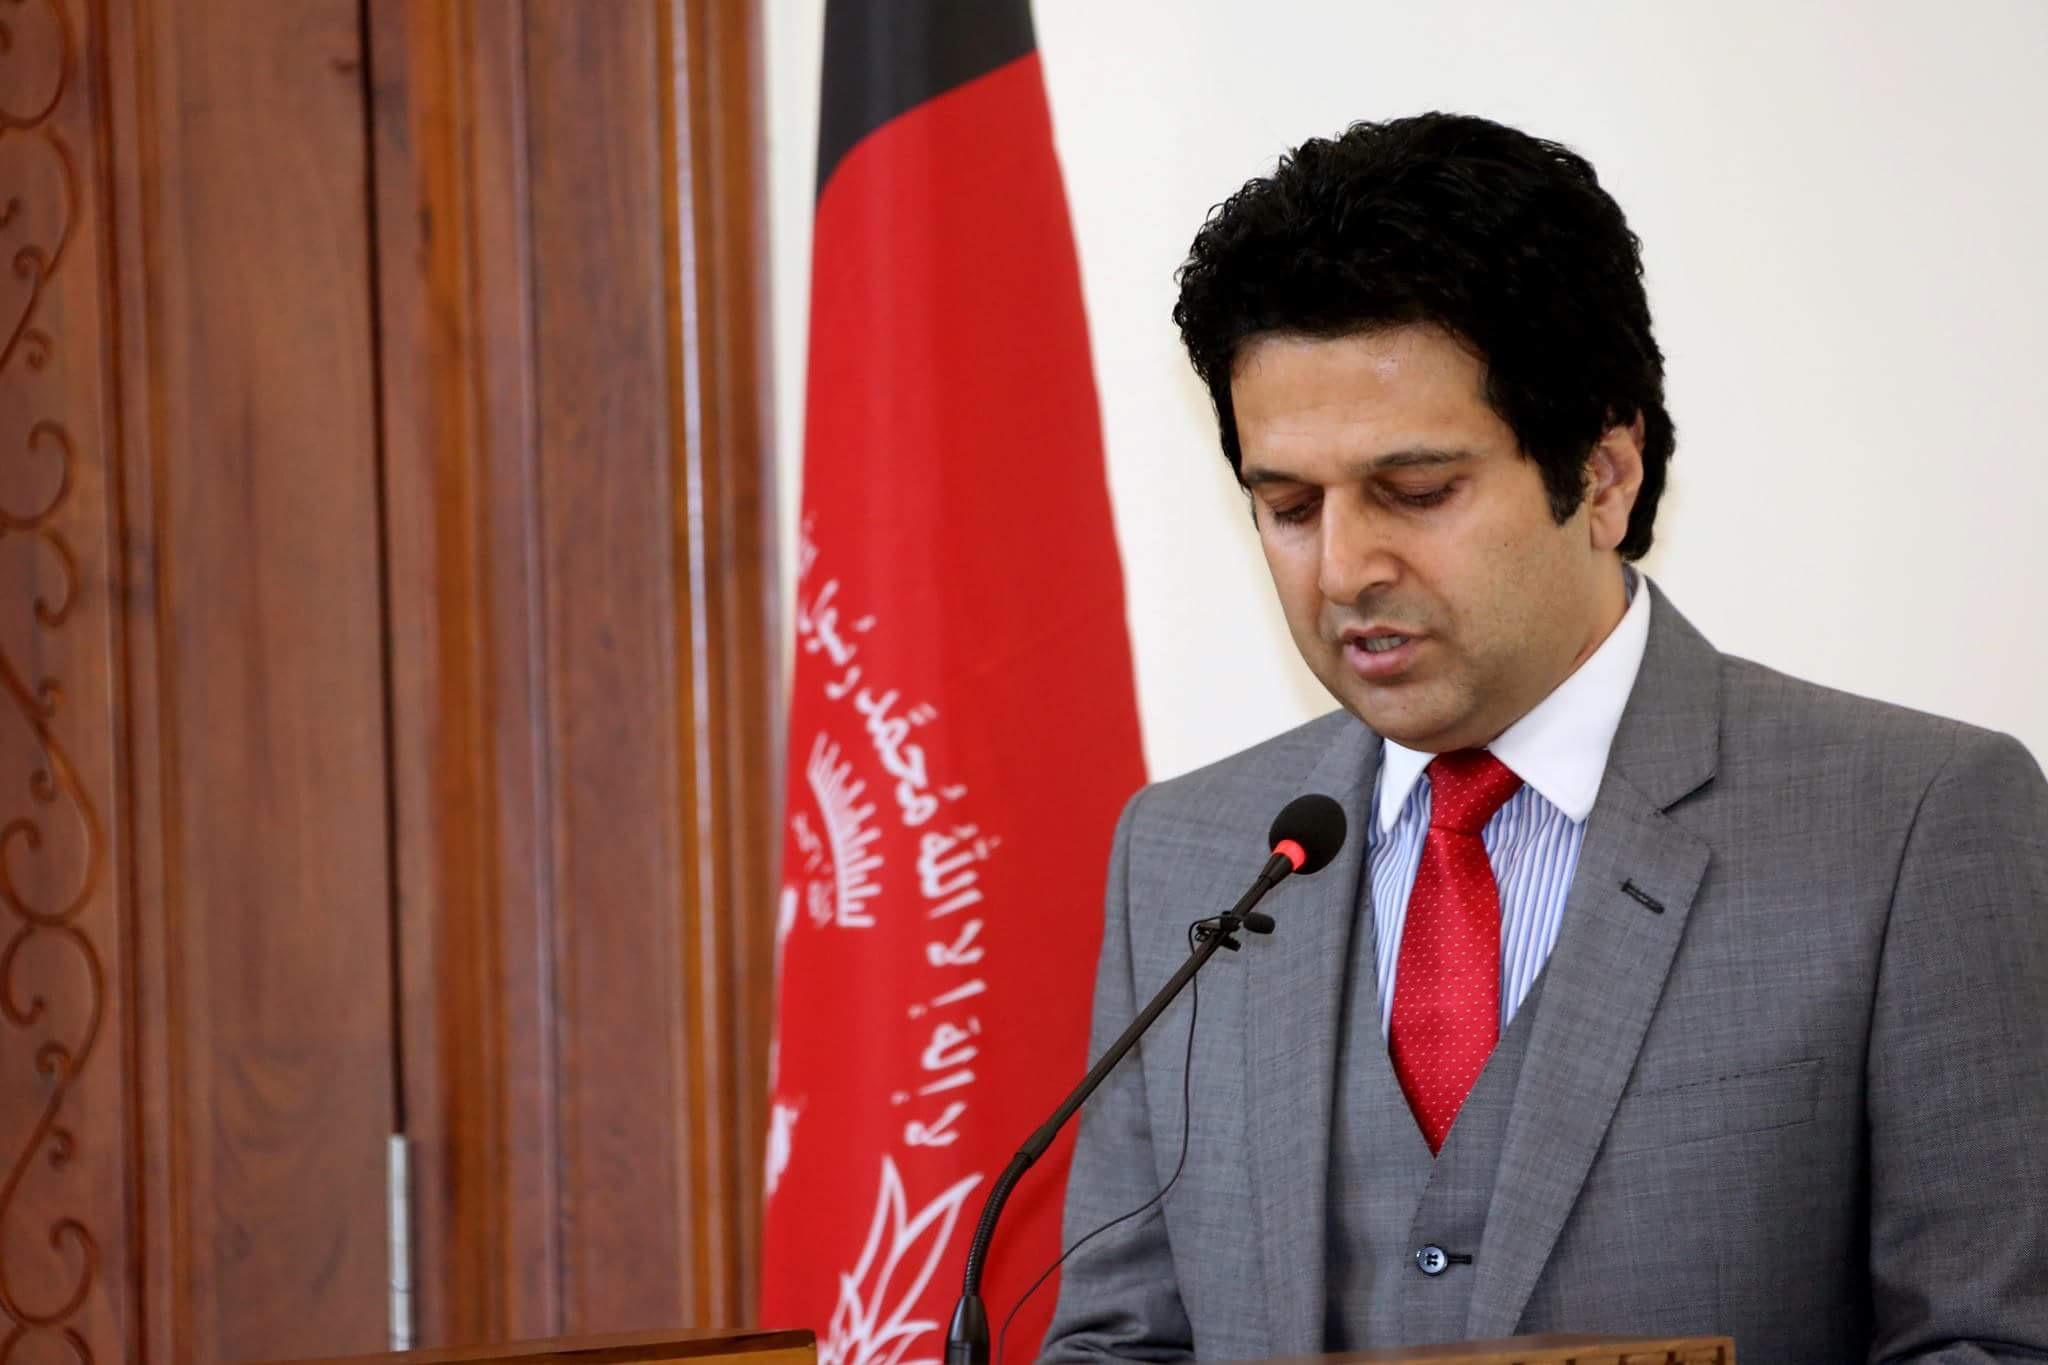 تغییر ساختار نظام سیاسی در افغانستان امروز اجتناب ناپذیر است